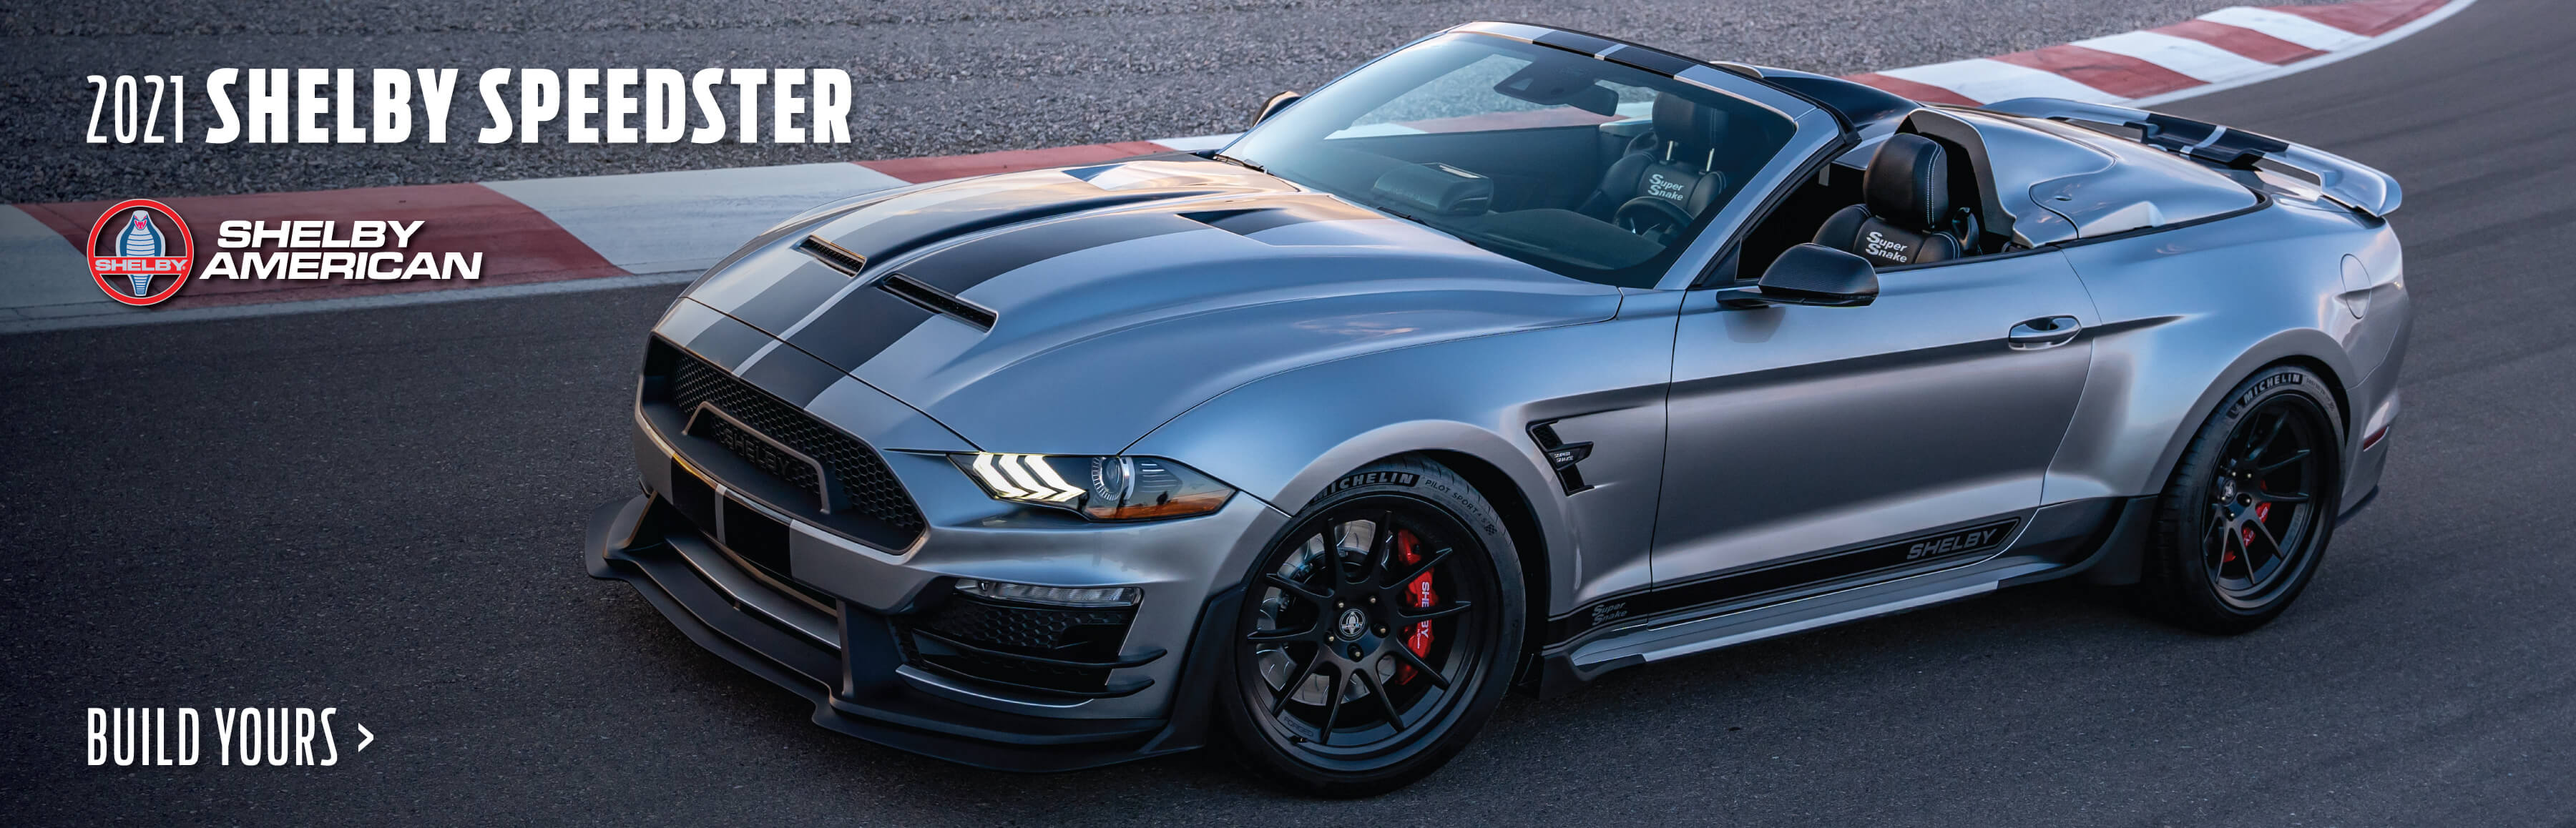 2021 Shelby Super Snake Speedster